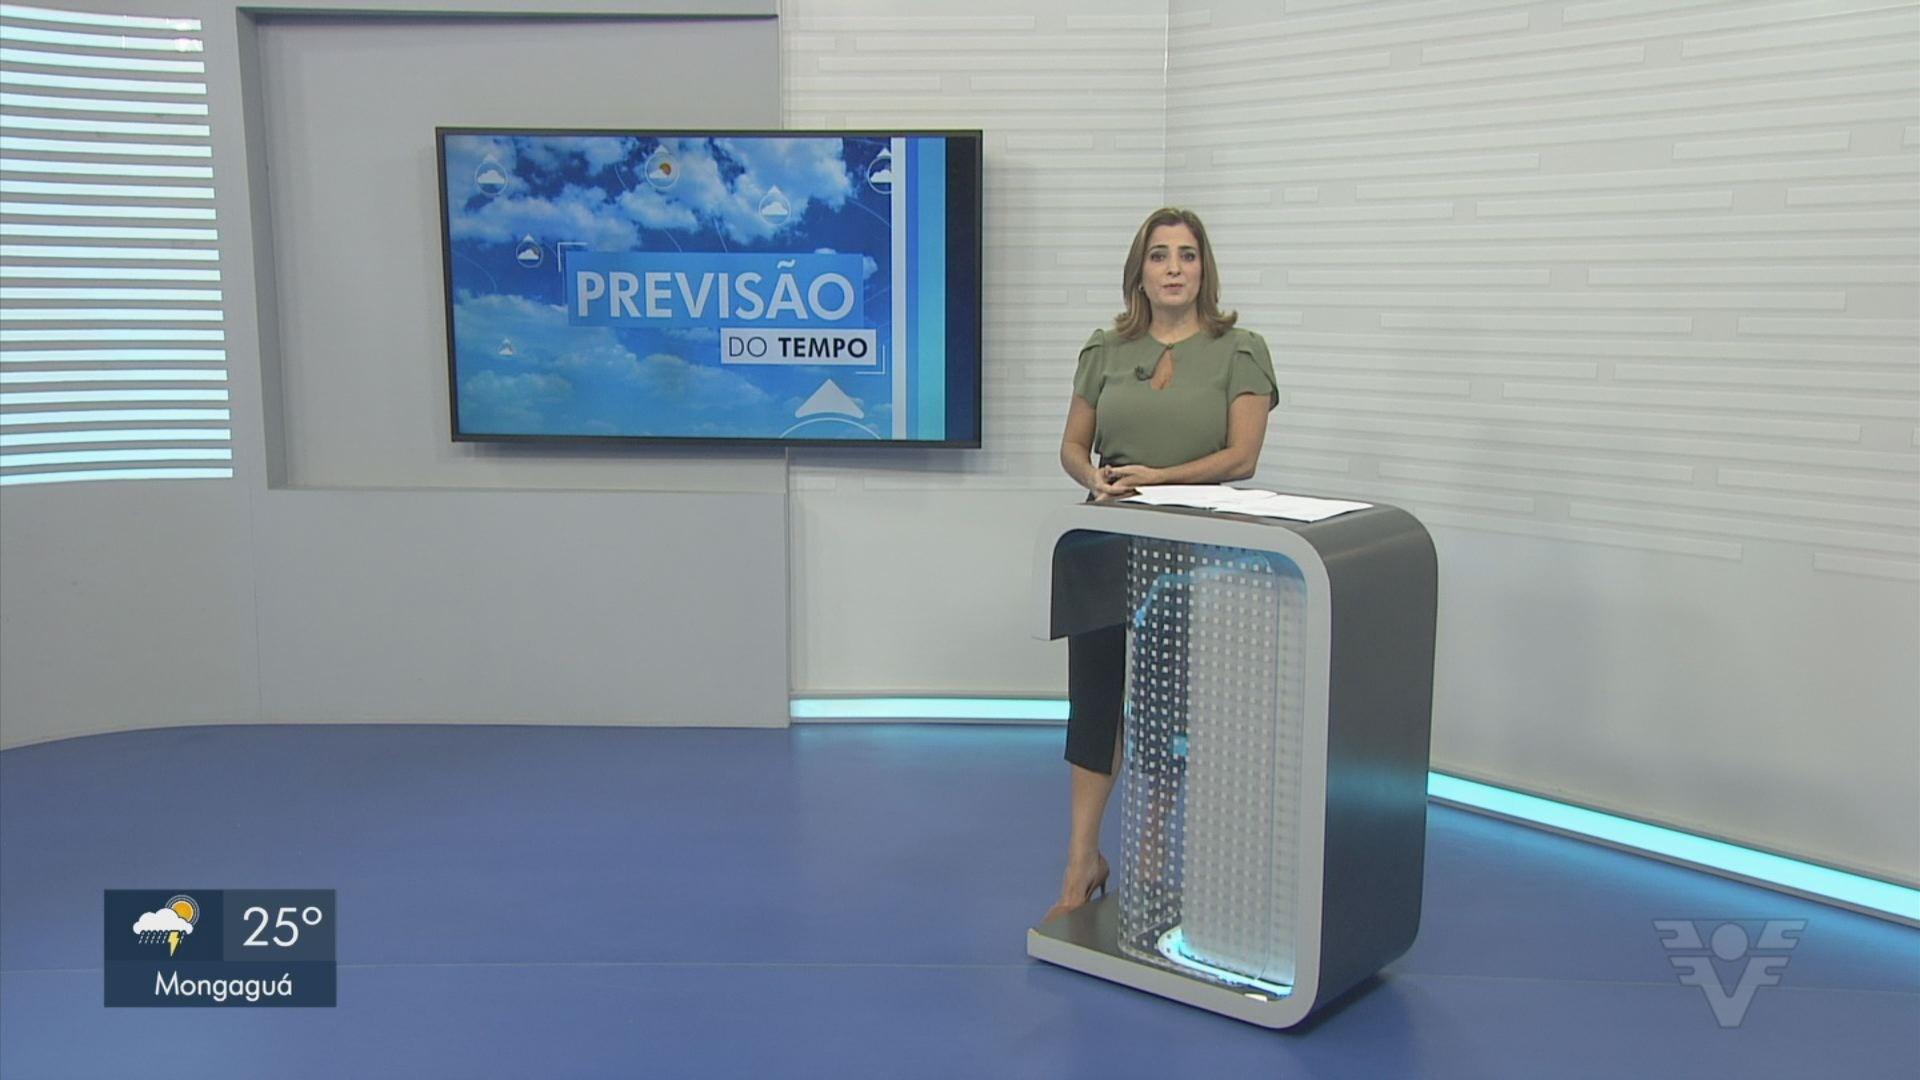 VÍDEOS: Jornal da Tribuna 2ª Edição de quinta-feira, 4 de março